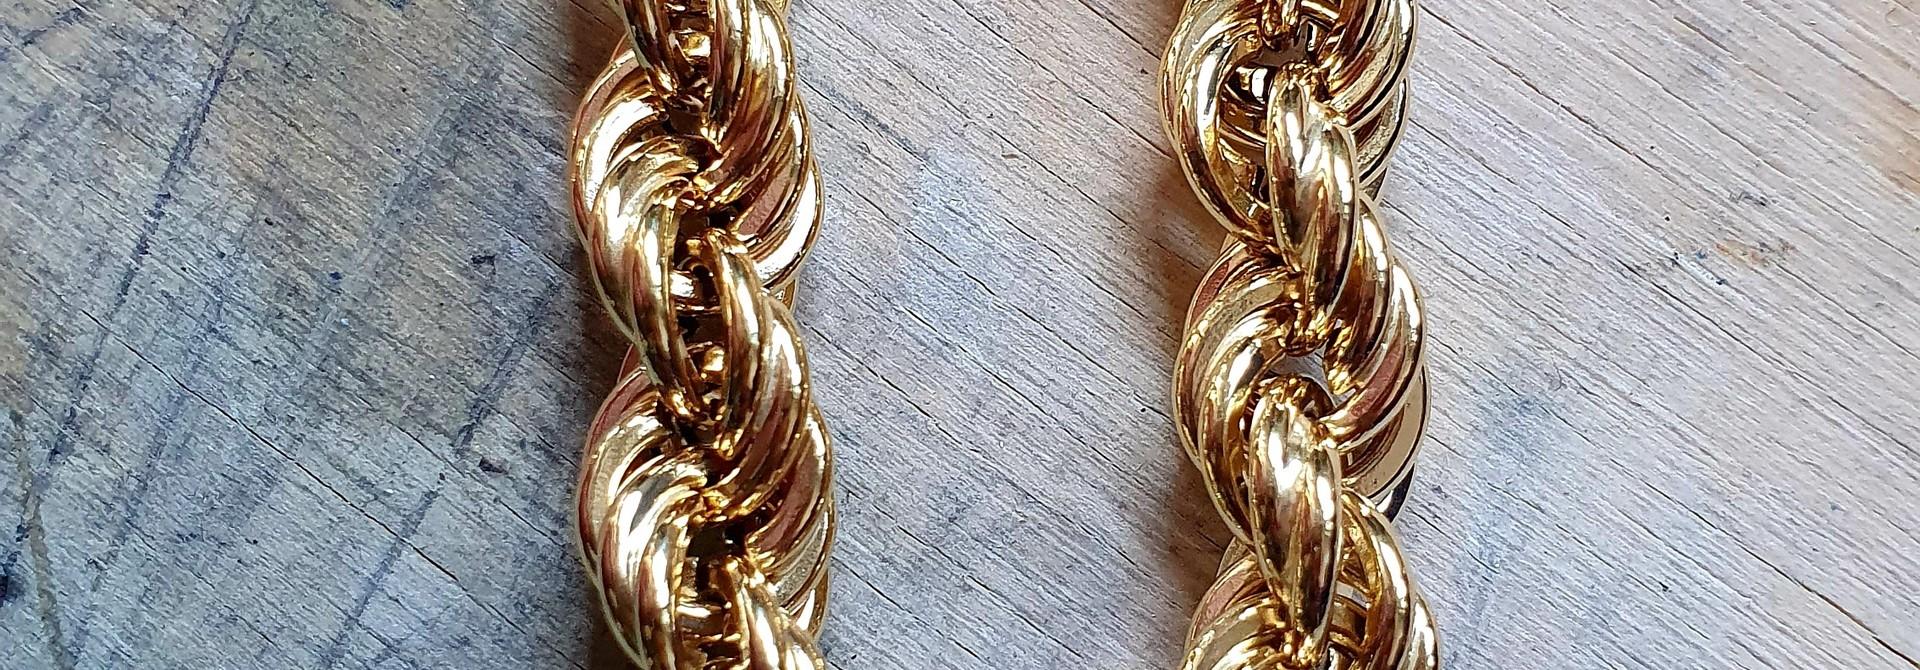 Rope chain Nederlands goud 14kt 8 mm